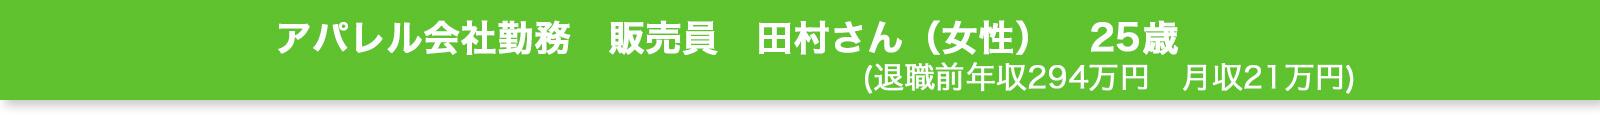 アパレル会社勤務 販売員 田村さん(女性) 25歳